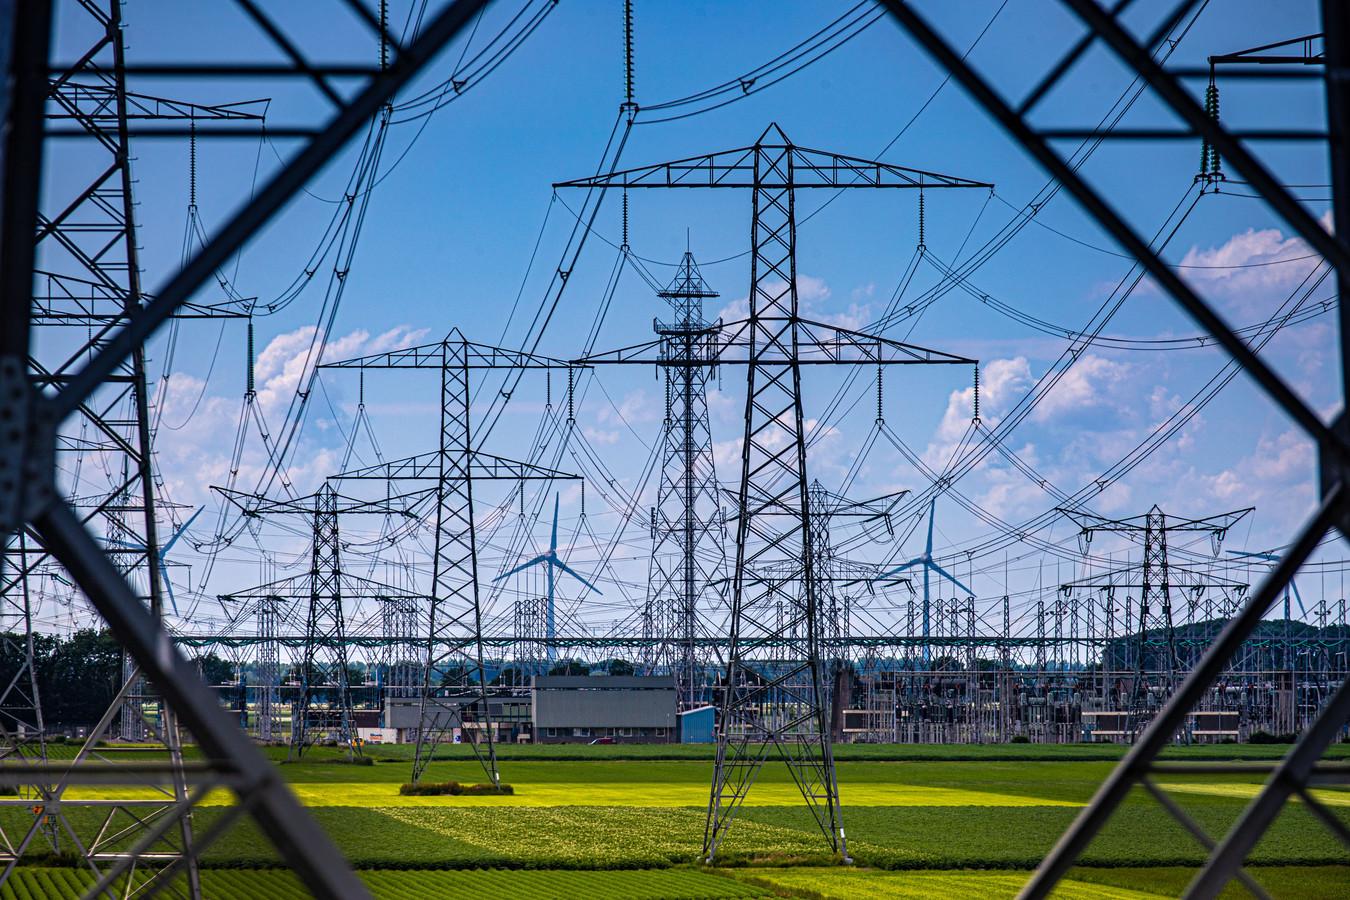 De coronapandemie kost netwerkbedrijven in Nederland miljoenen euro's doordat minder elektriciteit werd afgenomen.